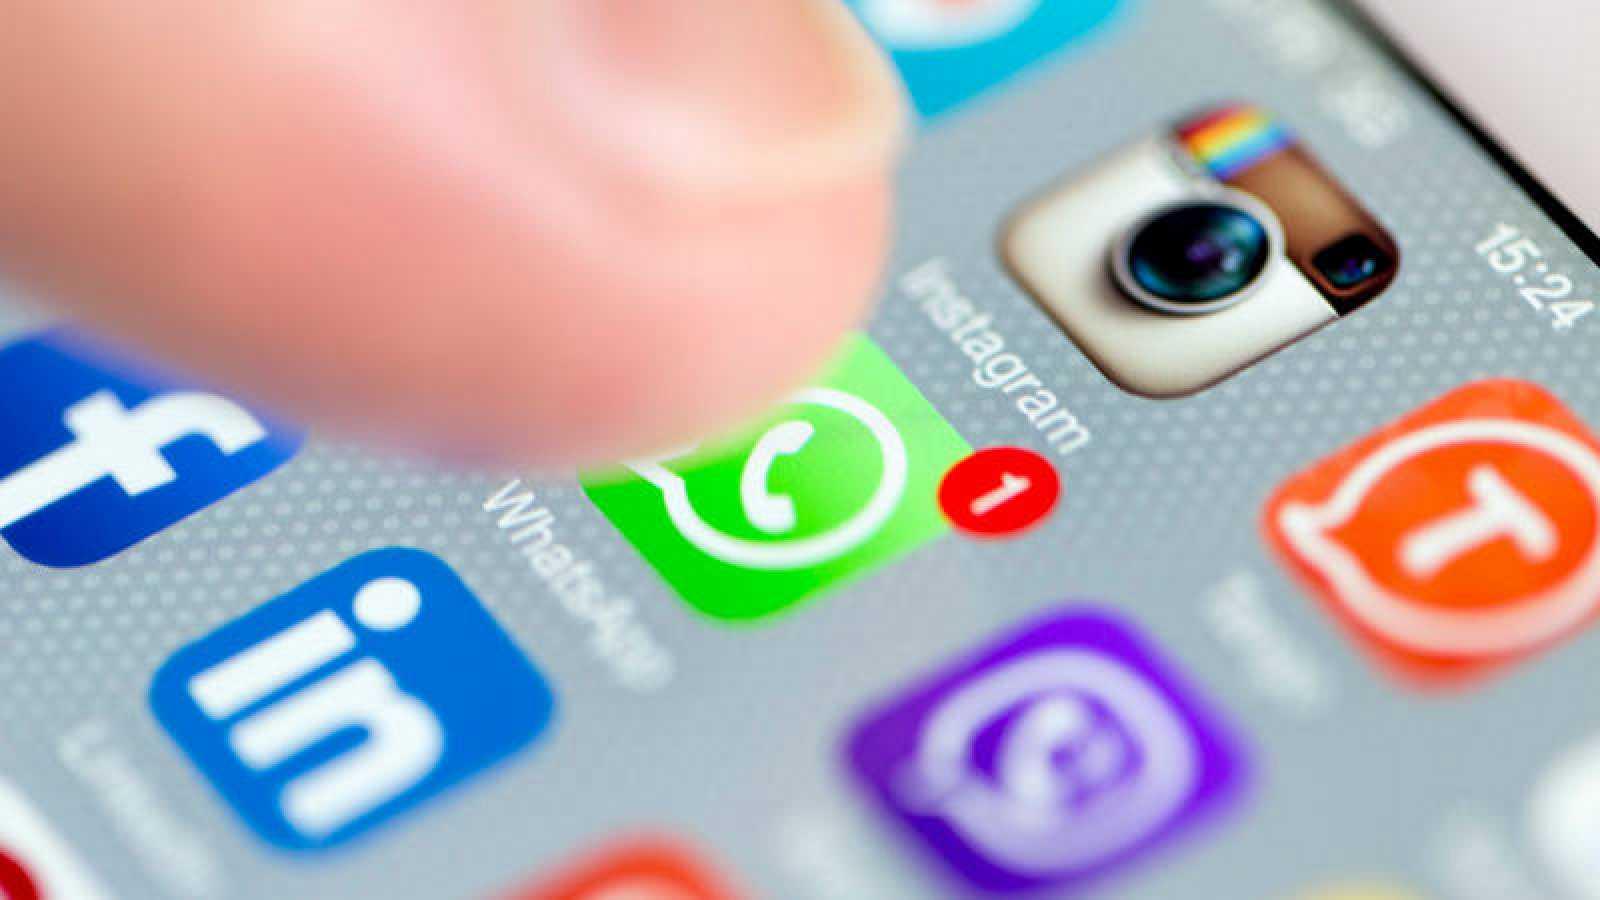 Elecciones generales en España - Whatsapp y fake news